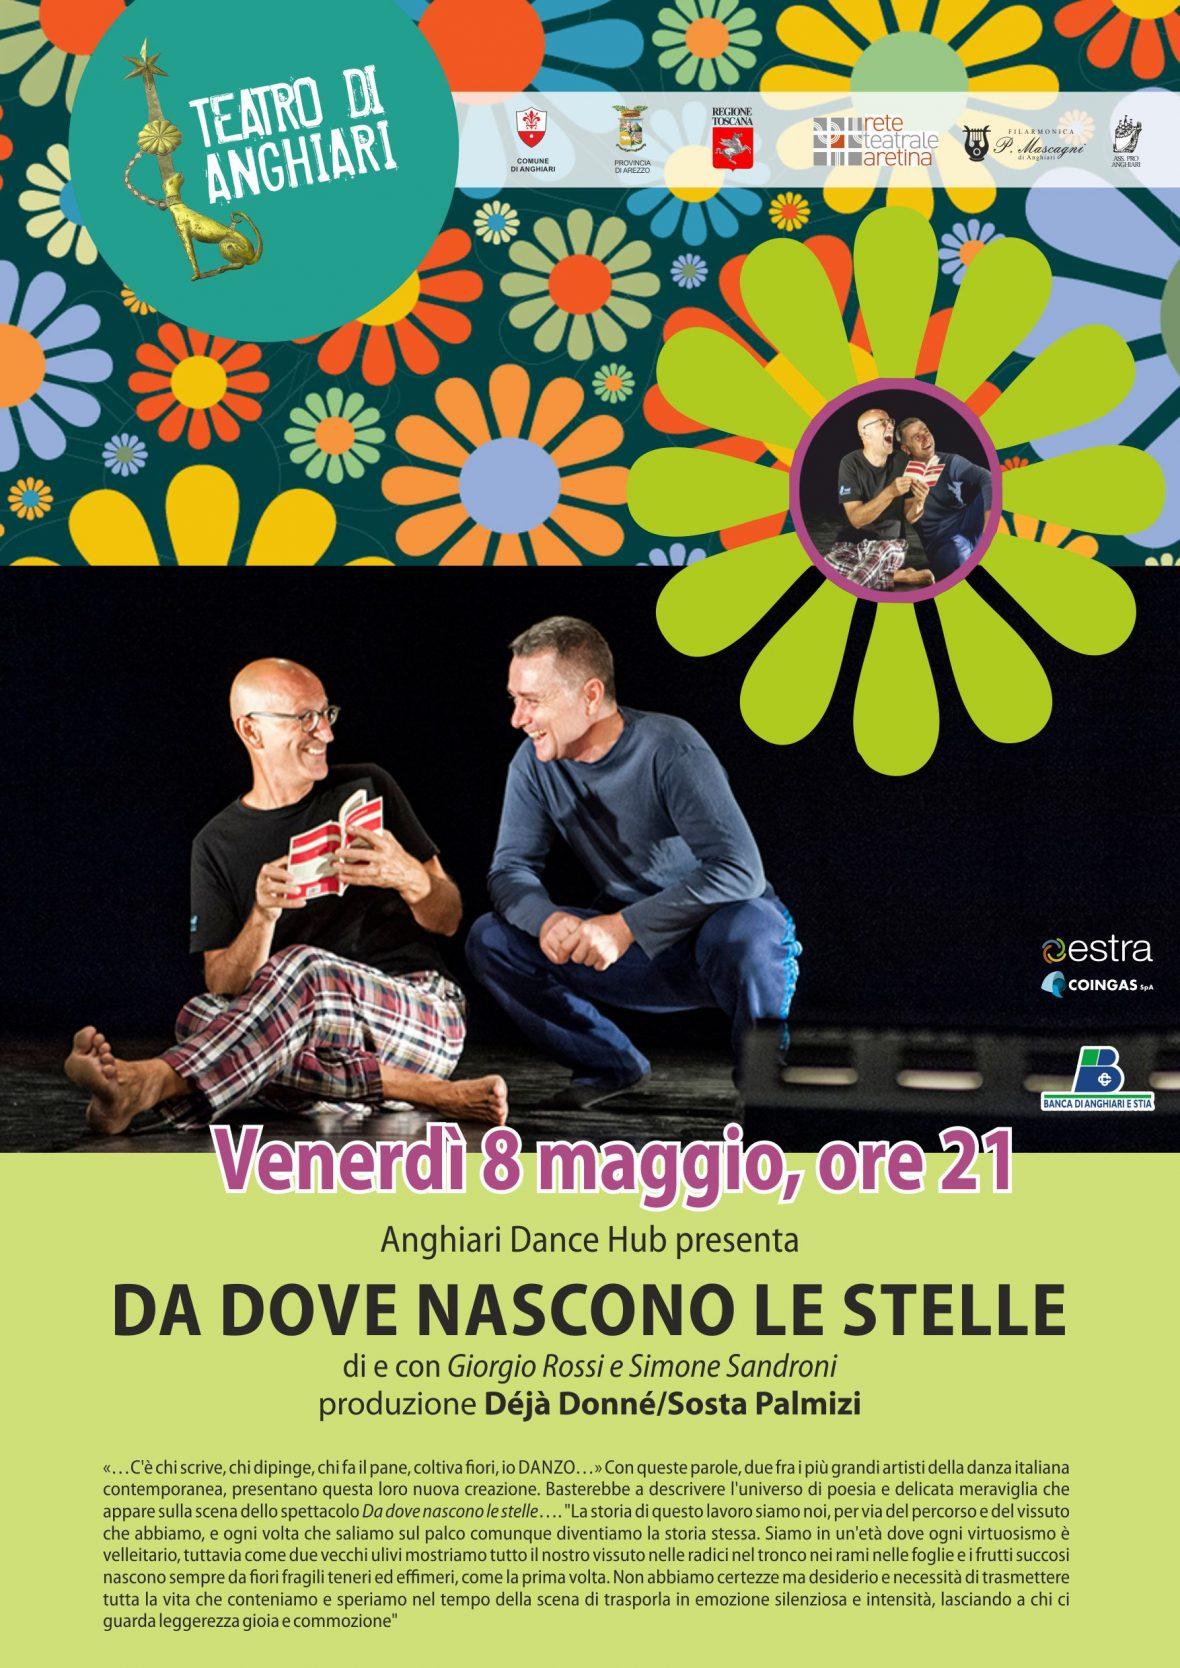 locandina DA DOVE NASCONO LE STELLE